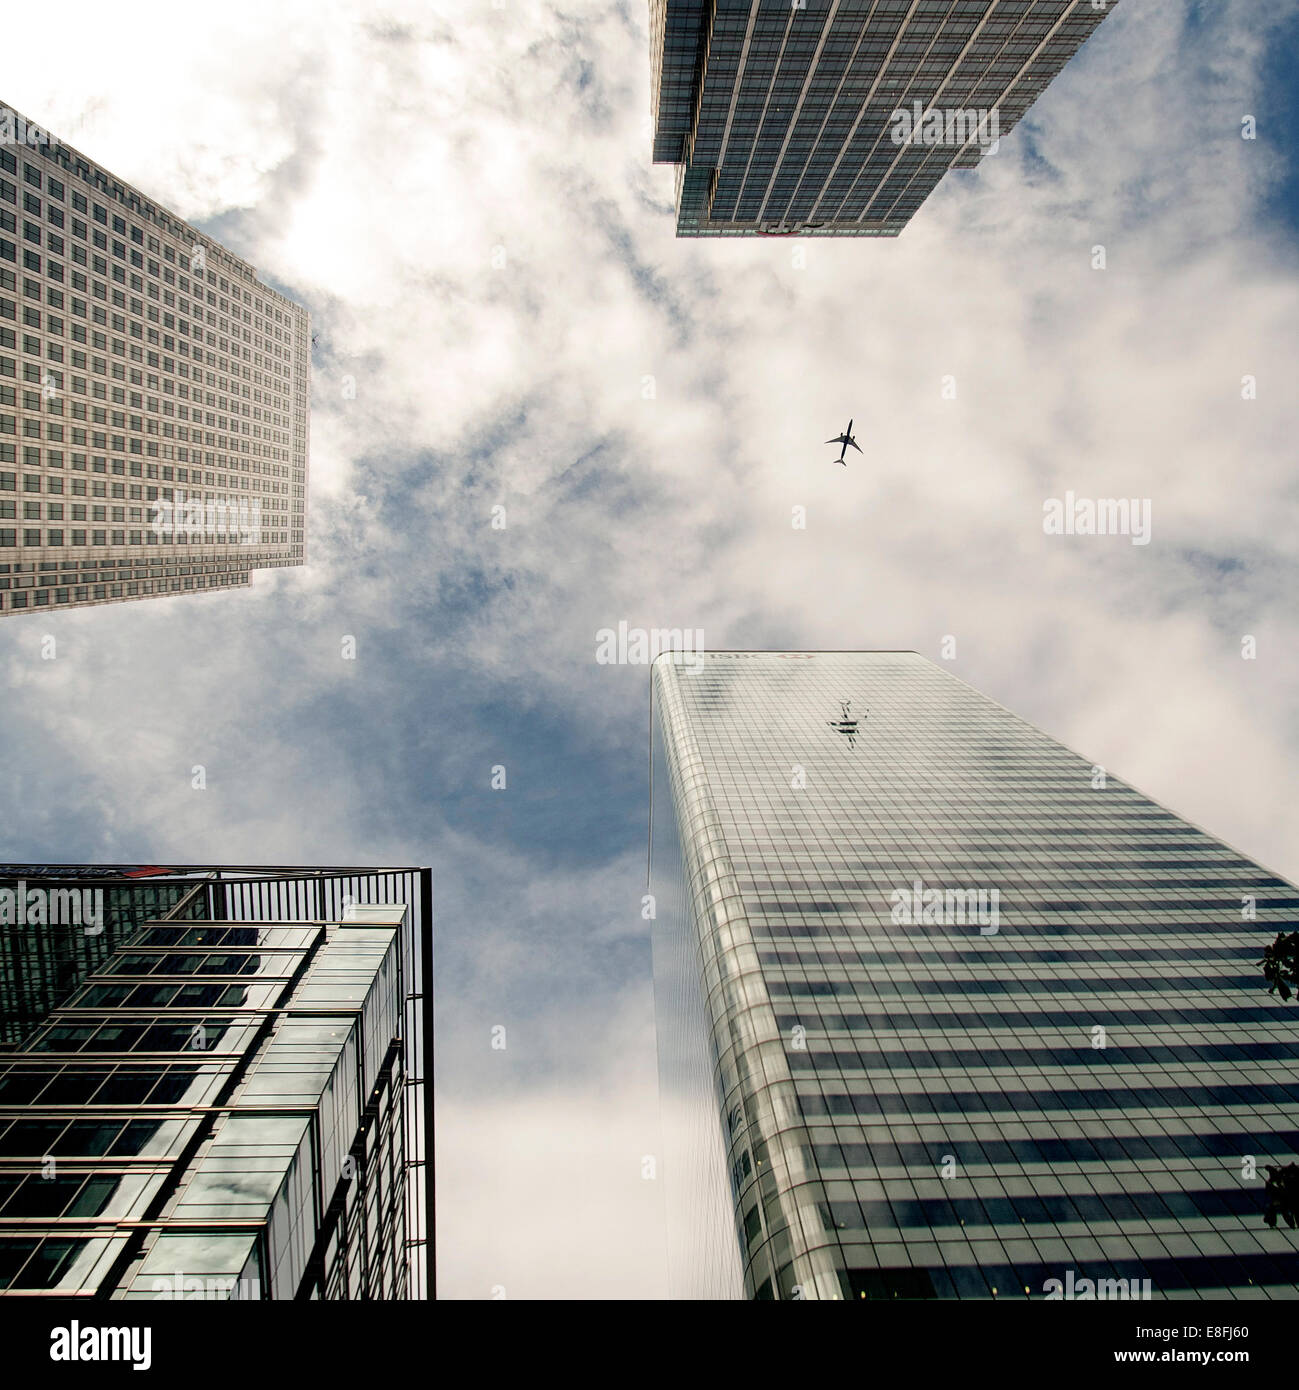 Aereo passato grattacieli, Canada Square, London, England, Regno Unito Immagini Stock